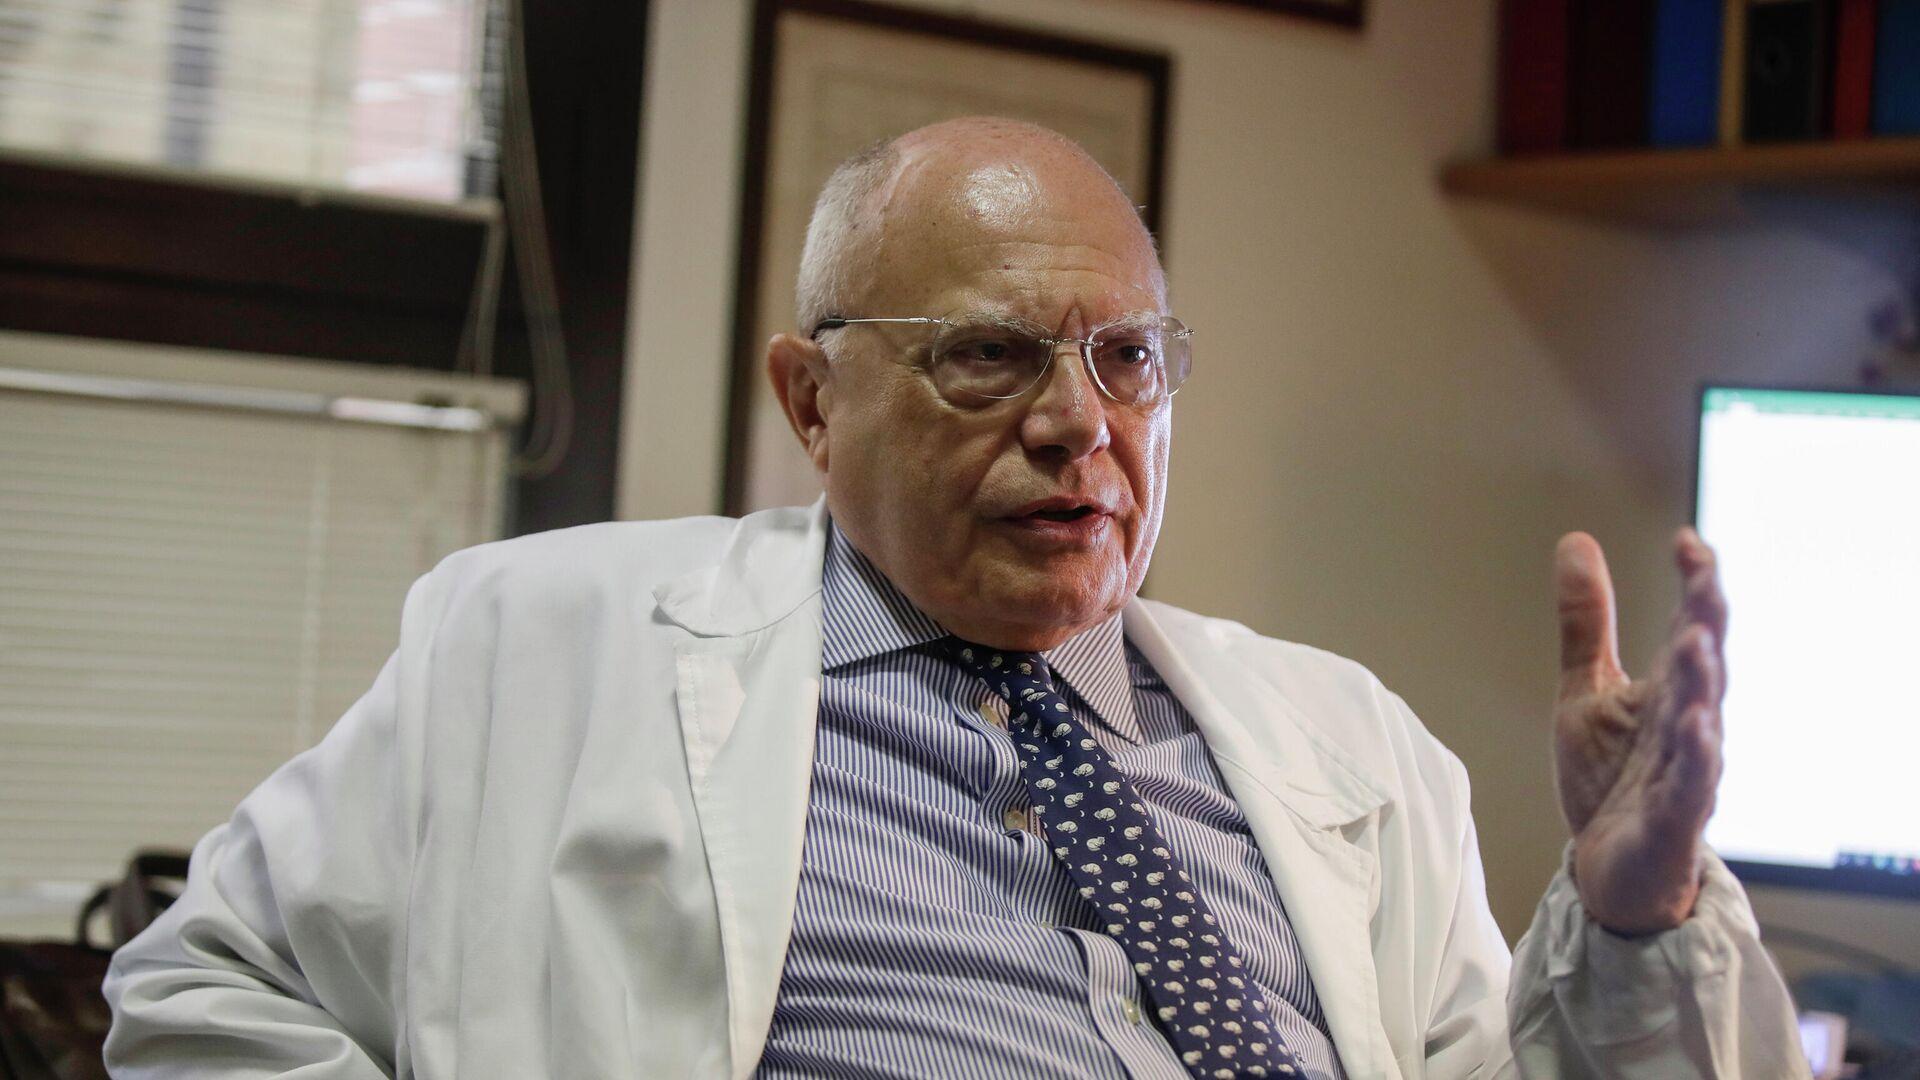 Massimo Galli, director del hospital Sacco de Milán y uno de los virólogos más famosos de Italia - Sputnik Mundo, 1920, 05.10.2021